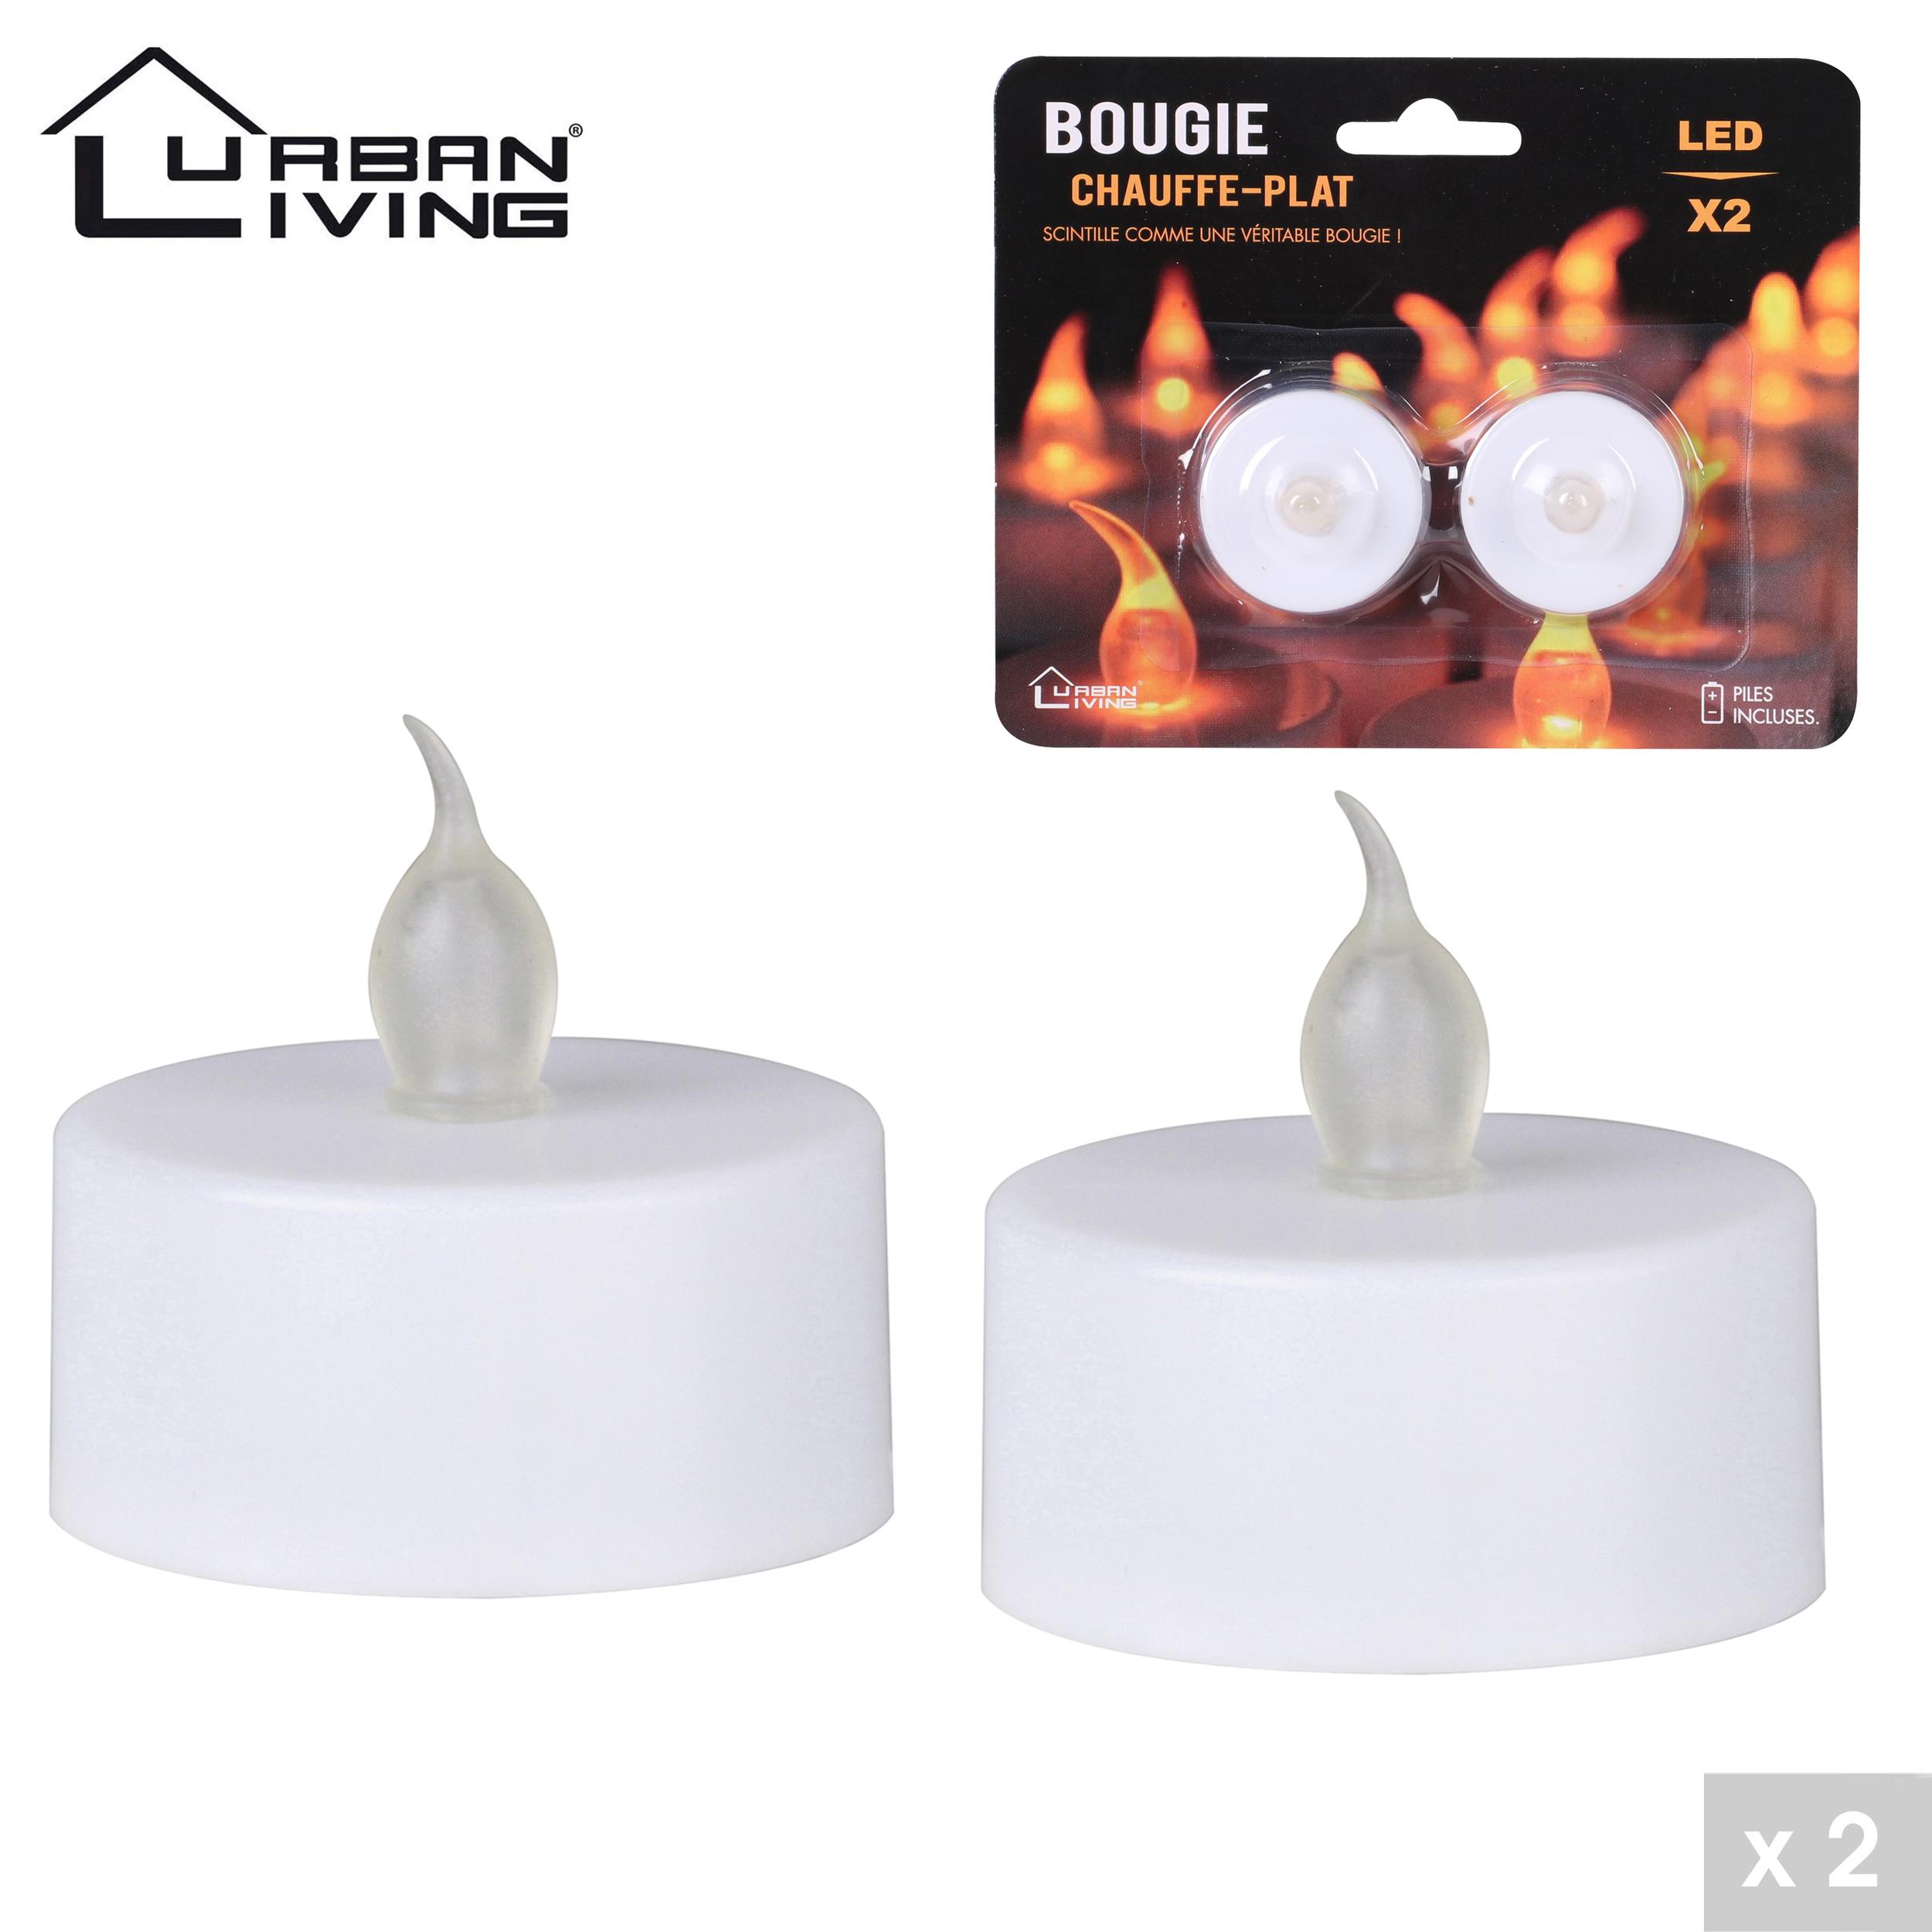 Bougie chauffe-plat LED x 2